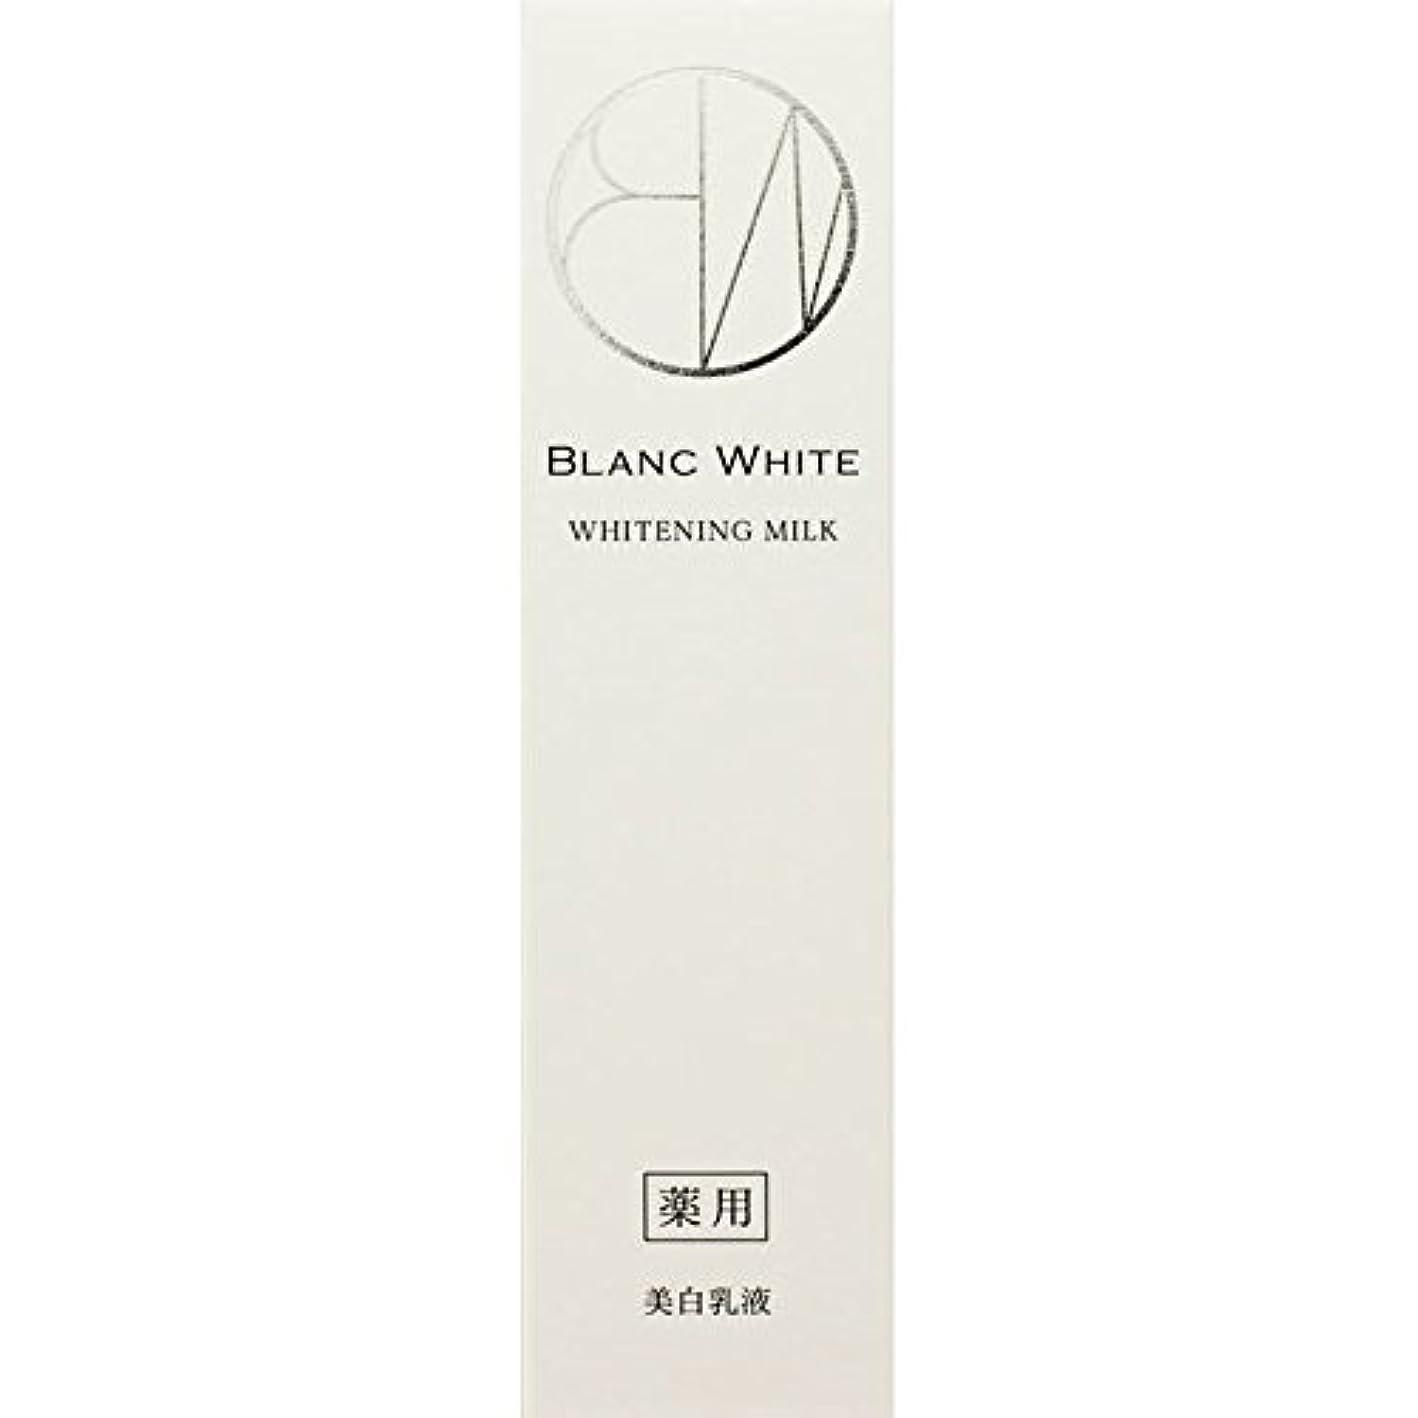 砂の洗練されたリズミカルなブランホワイト ホワイトニングミルク 125ml (医薬部外品)